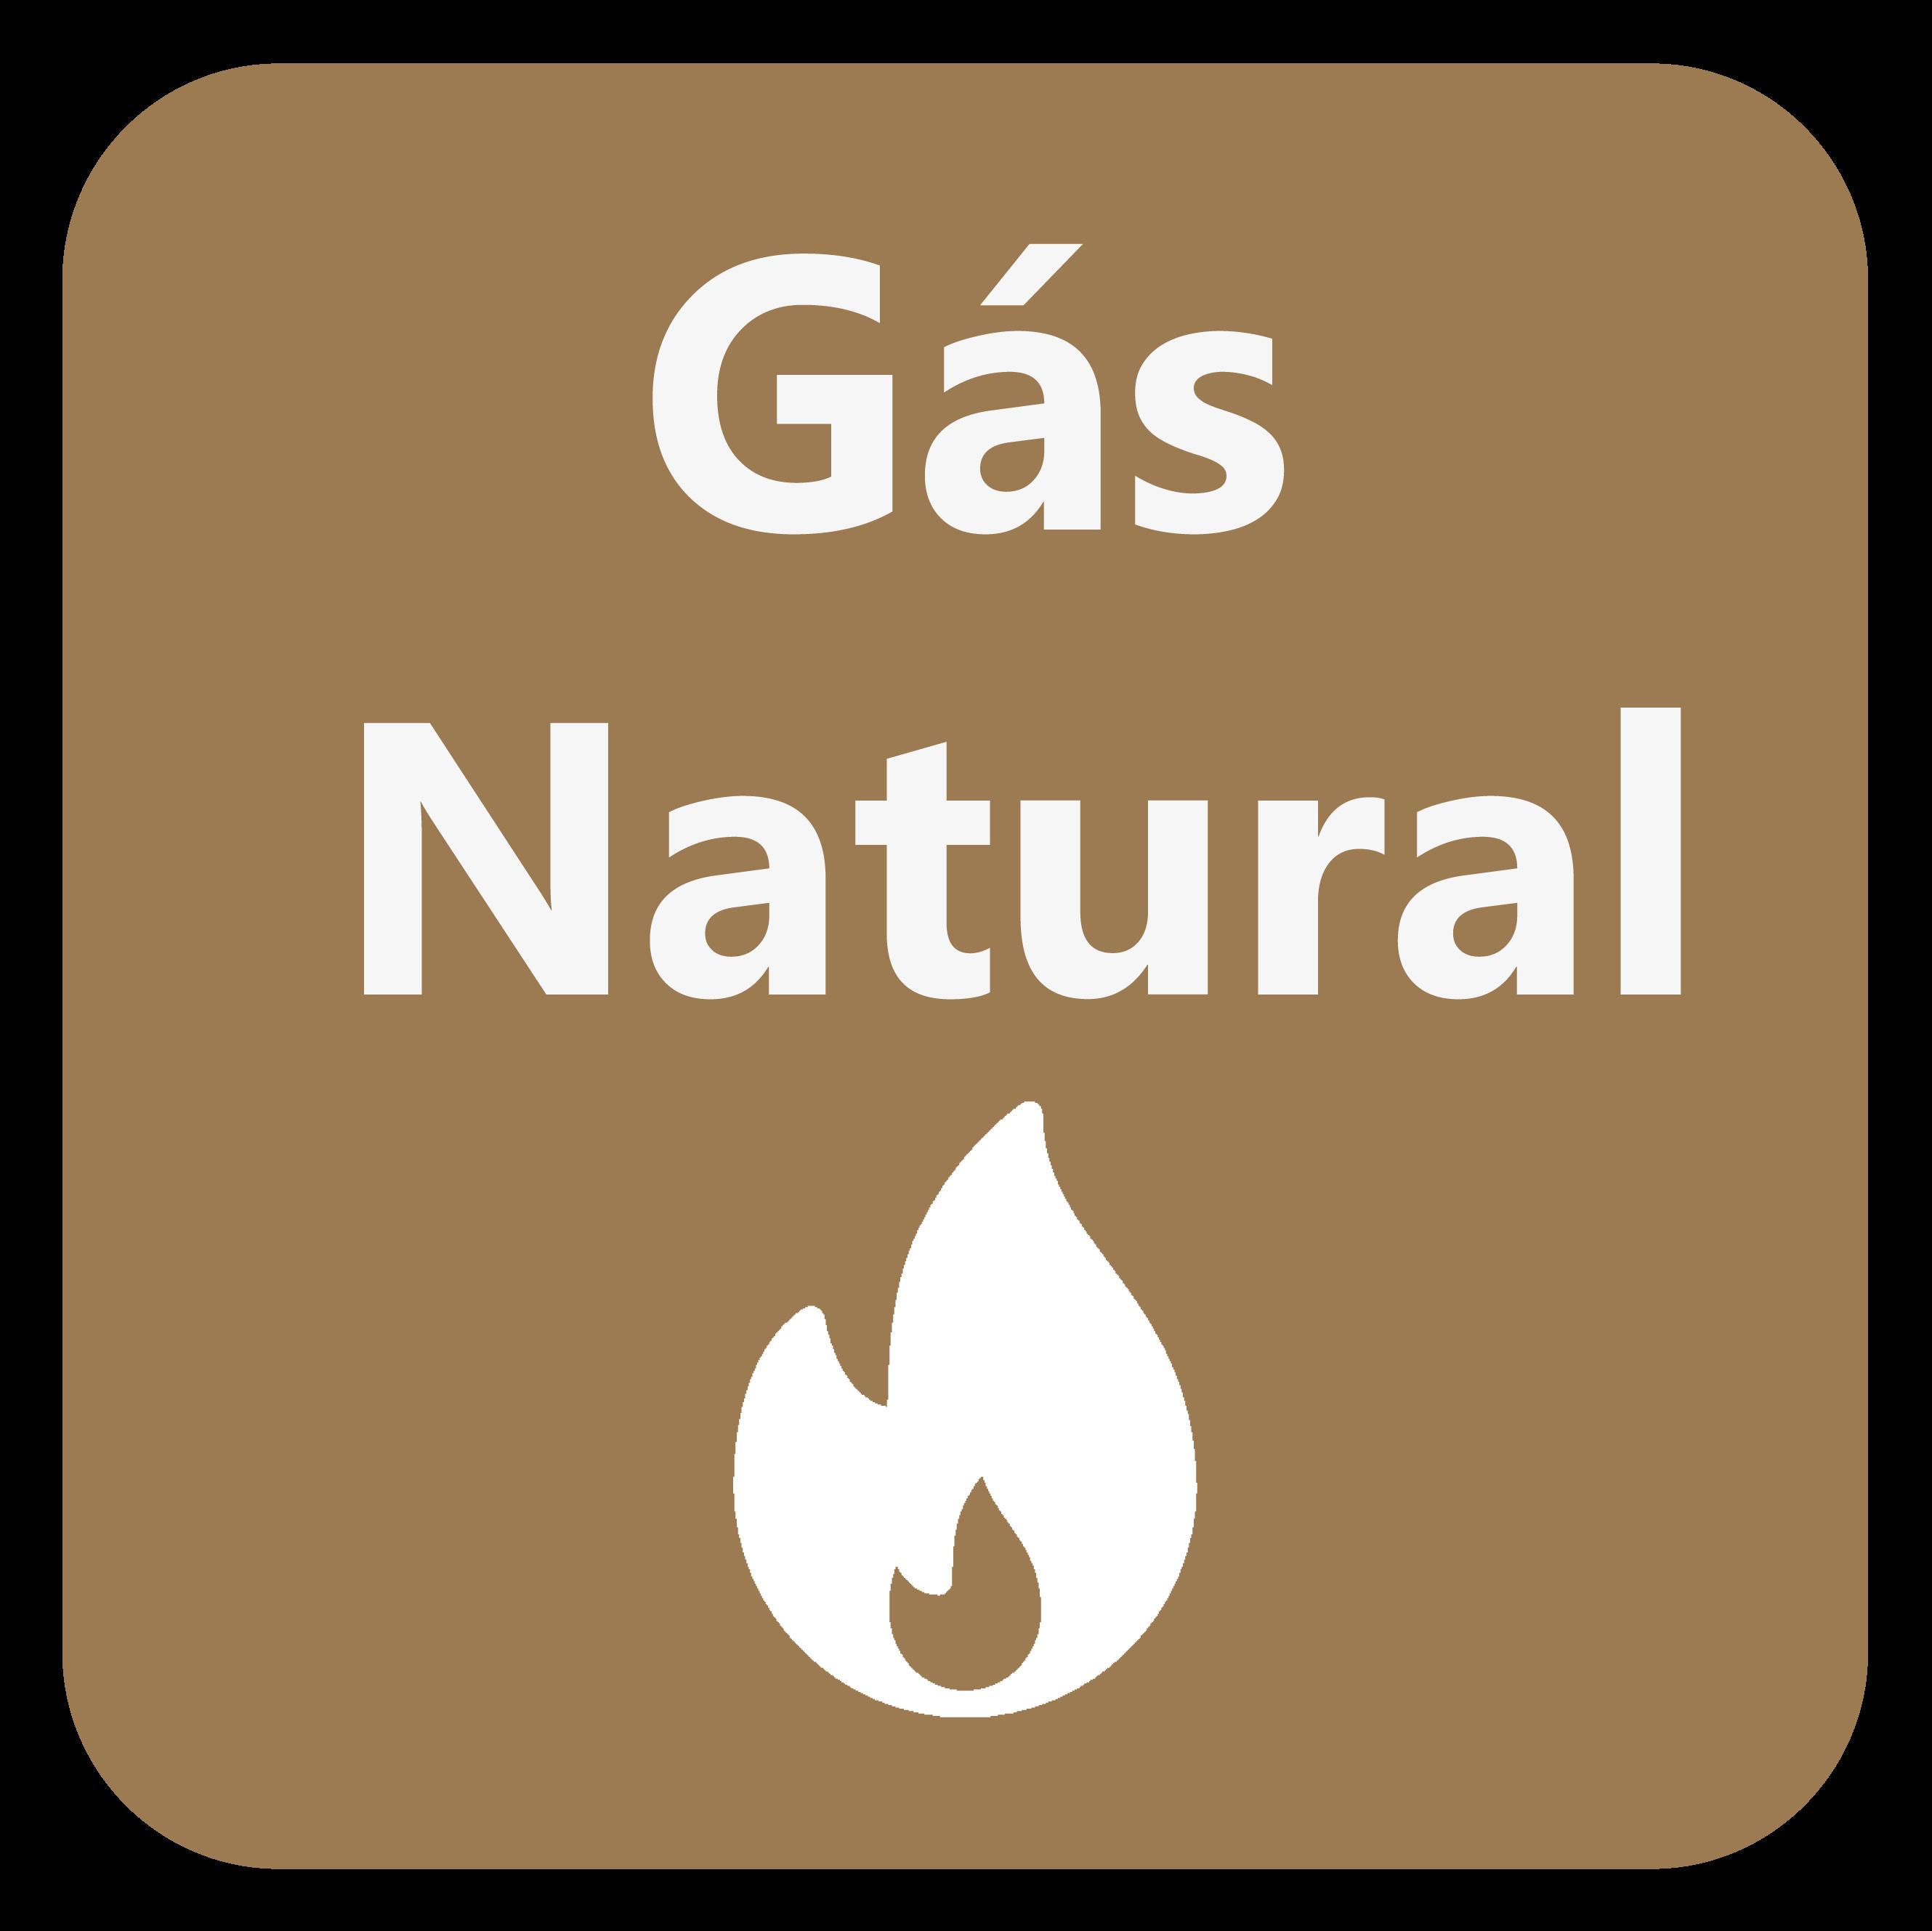 Os queimadores do equipamento estão preparados para trabalhar apenas com gás natural.